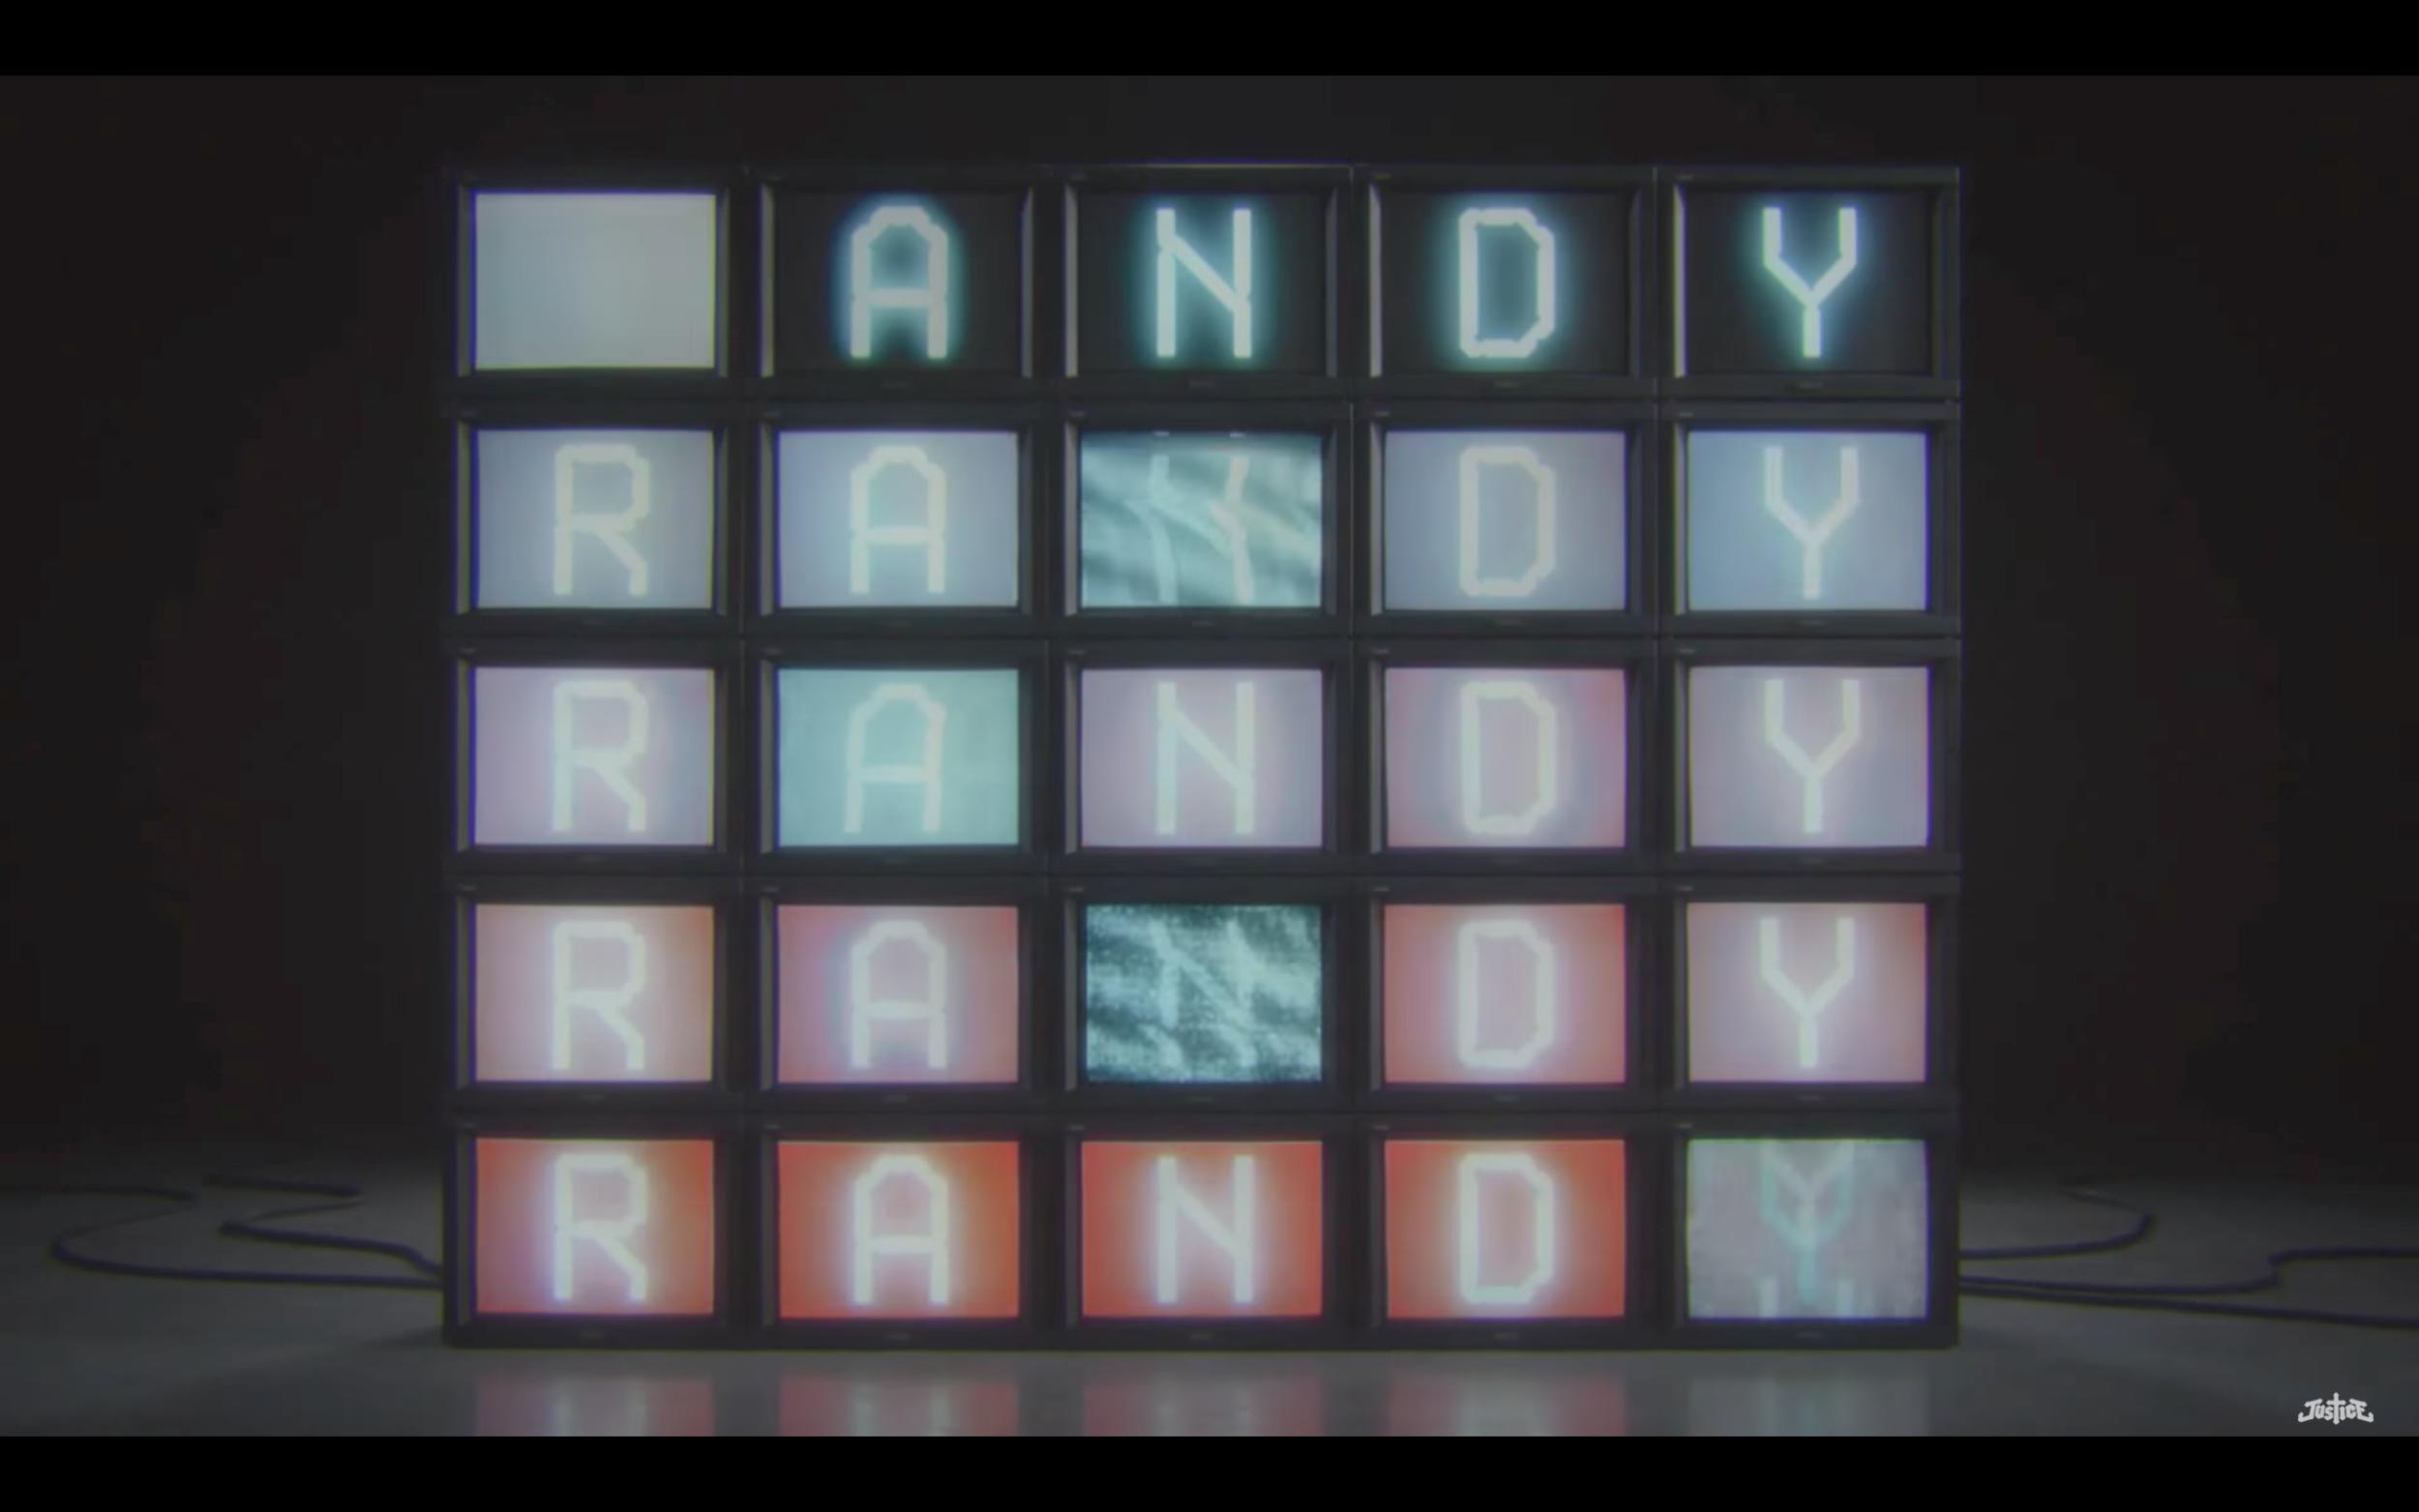 JUSTICE - RANDY